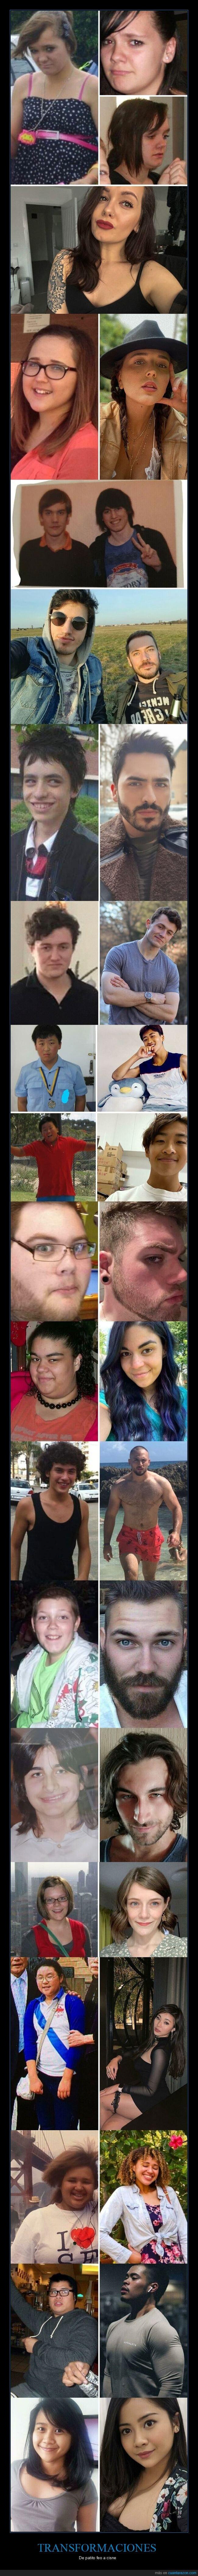 feos,guapos,transformación